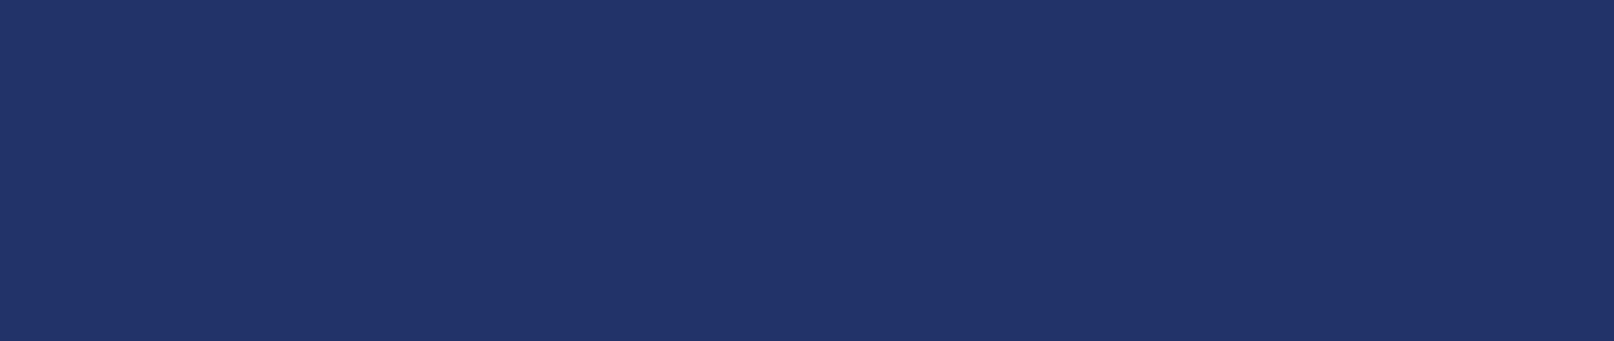 LSIS Garbės ženklas